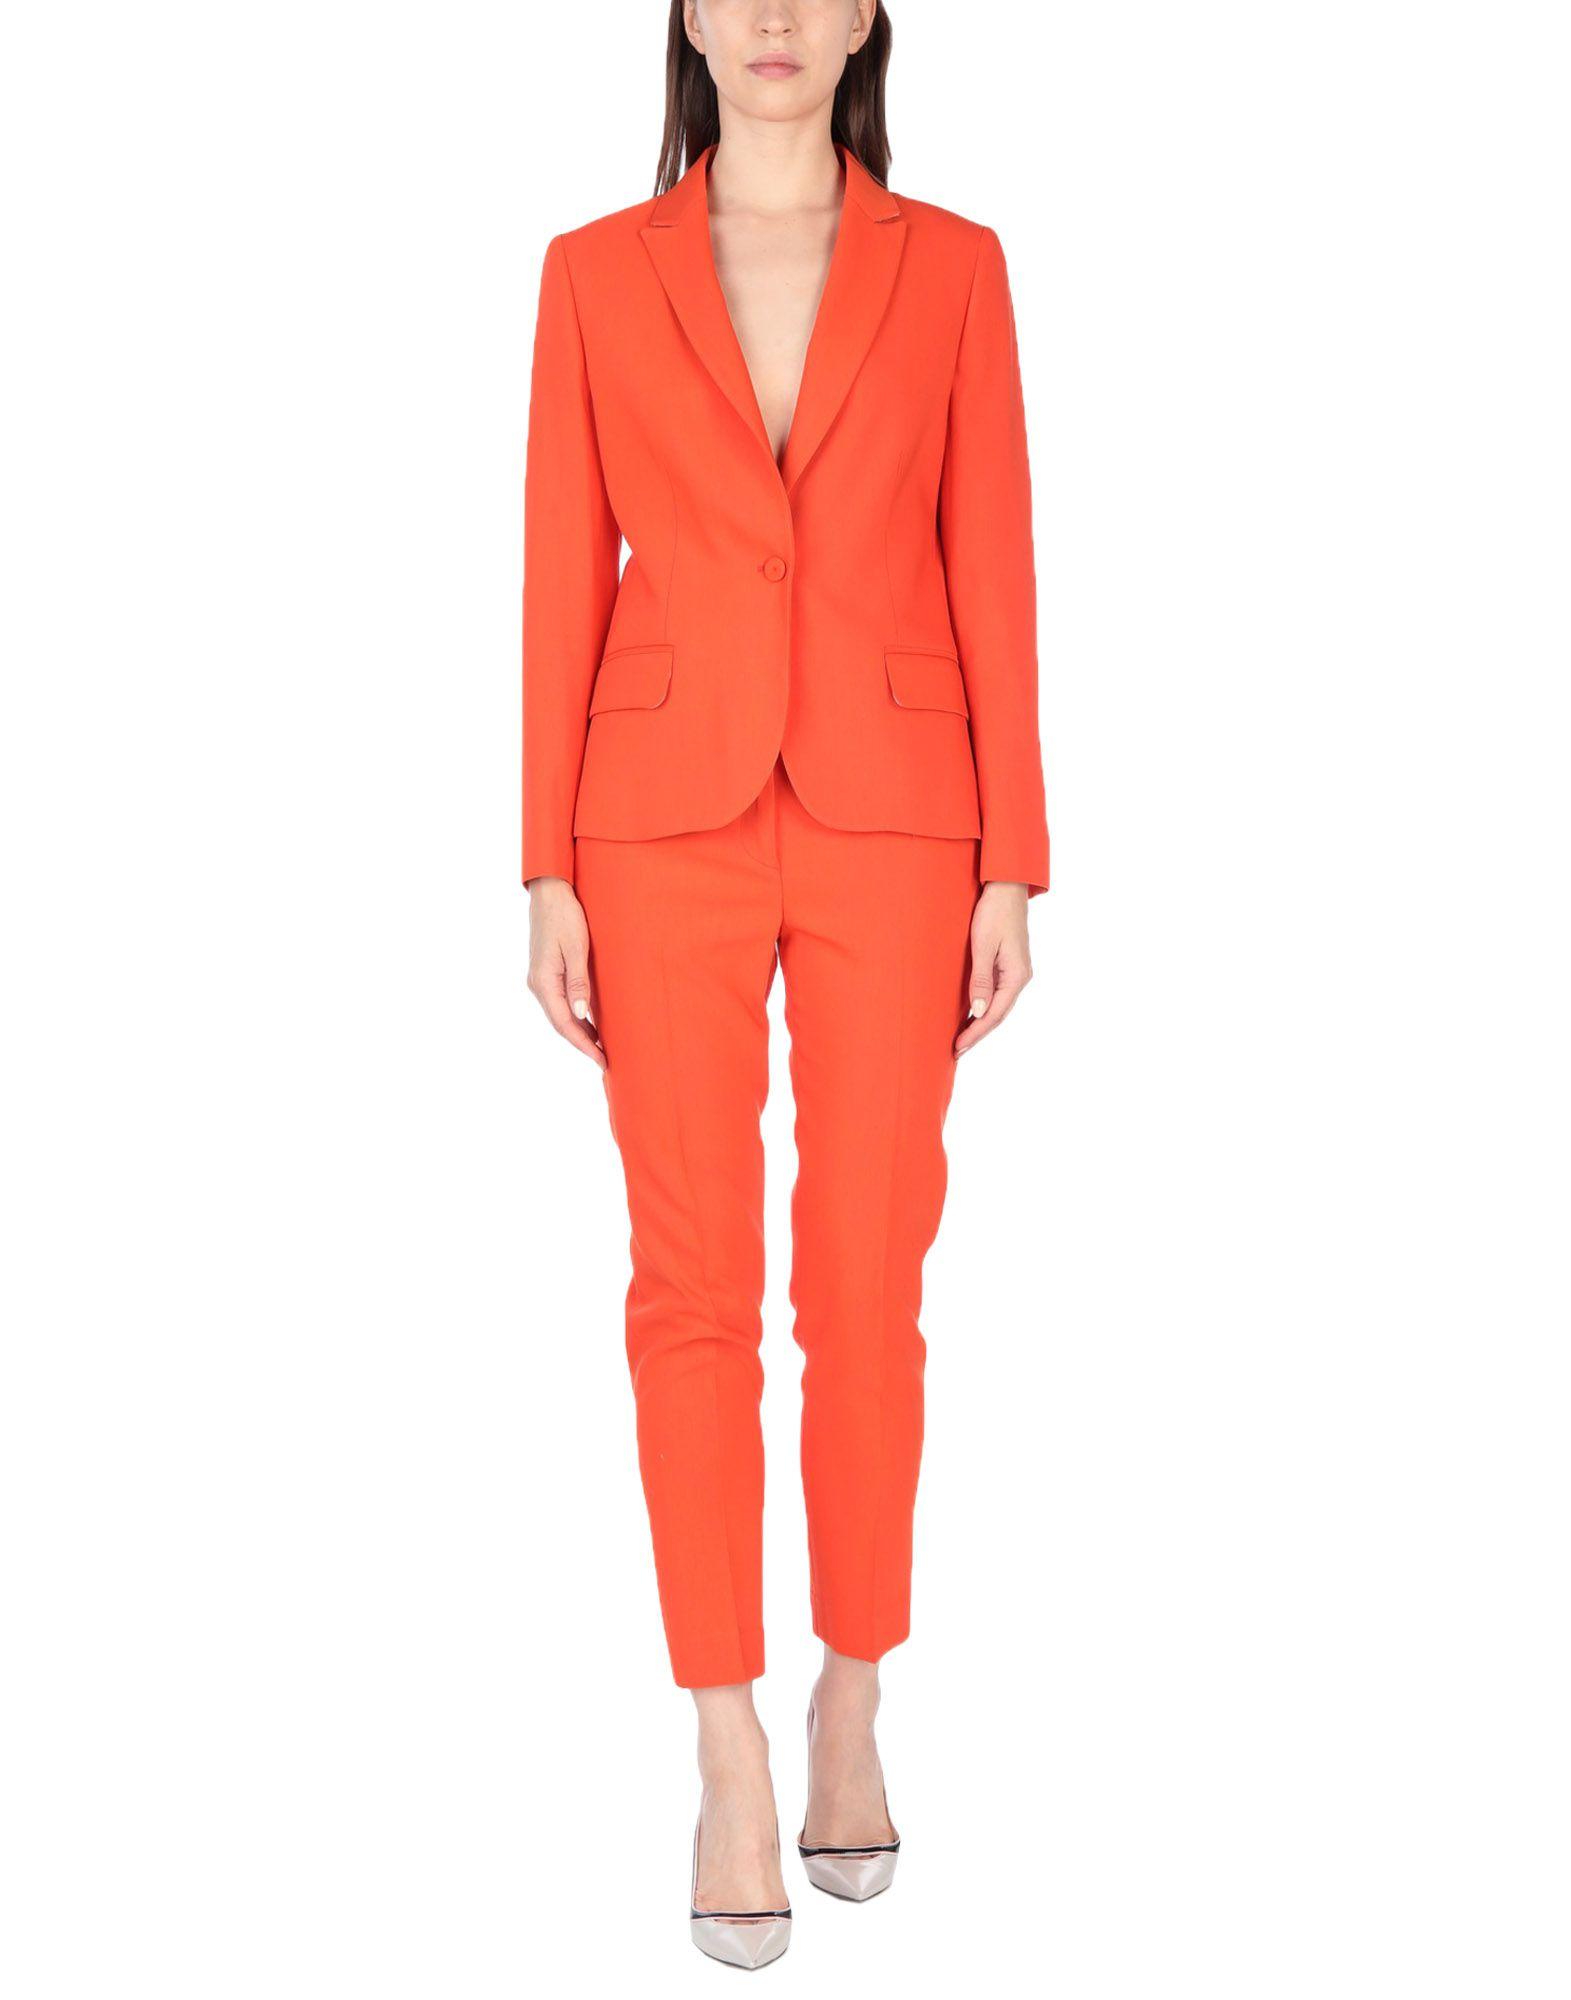 2572b1ea9378 Yoox - Γυναικεία Ταγιέρ - Ακριβότερα Προϊόντα - Σελίδα 5 | Outfit.gr